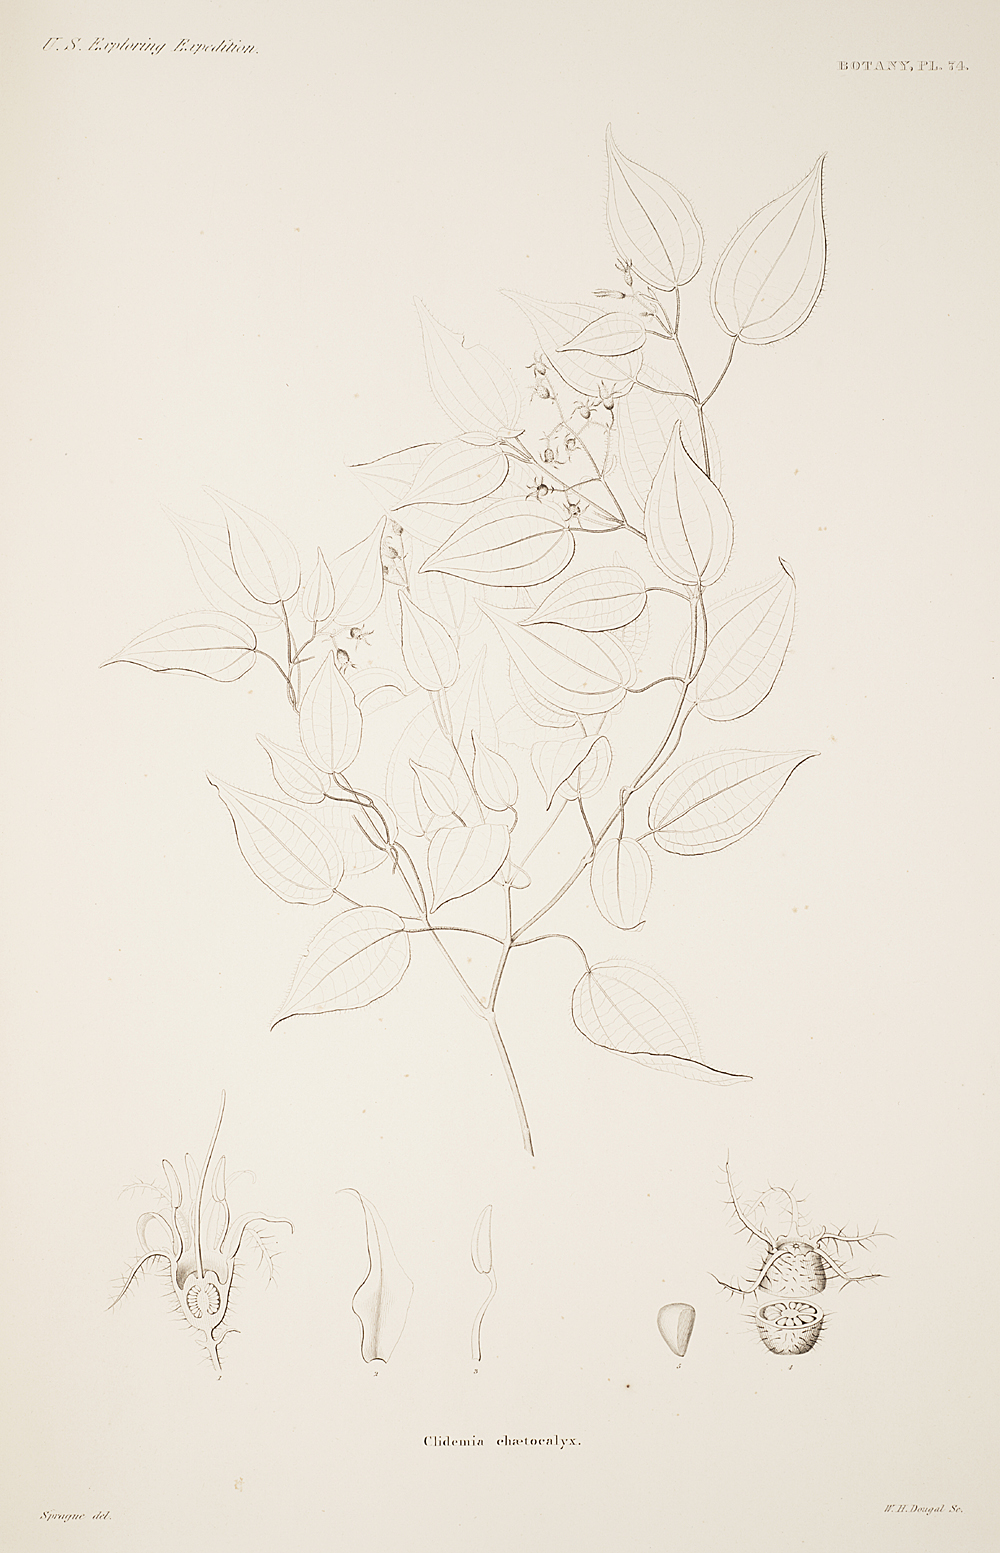 Botany, Pl. 74,  Image number:sil19-23-159b